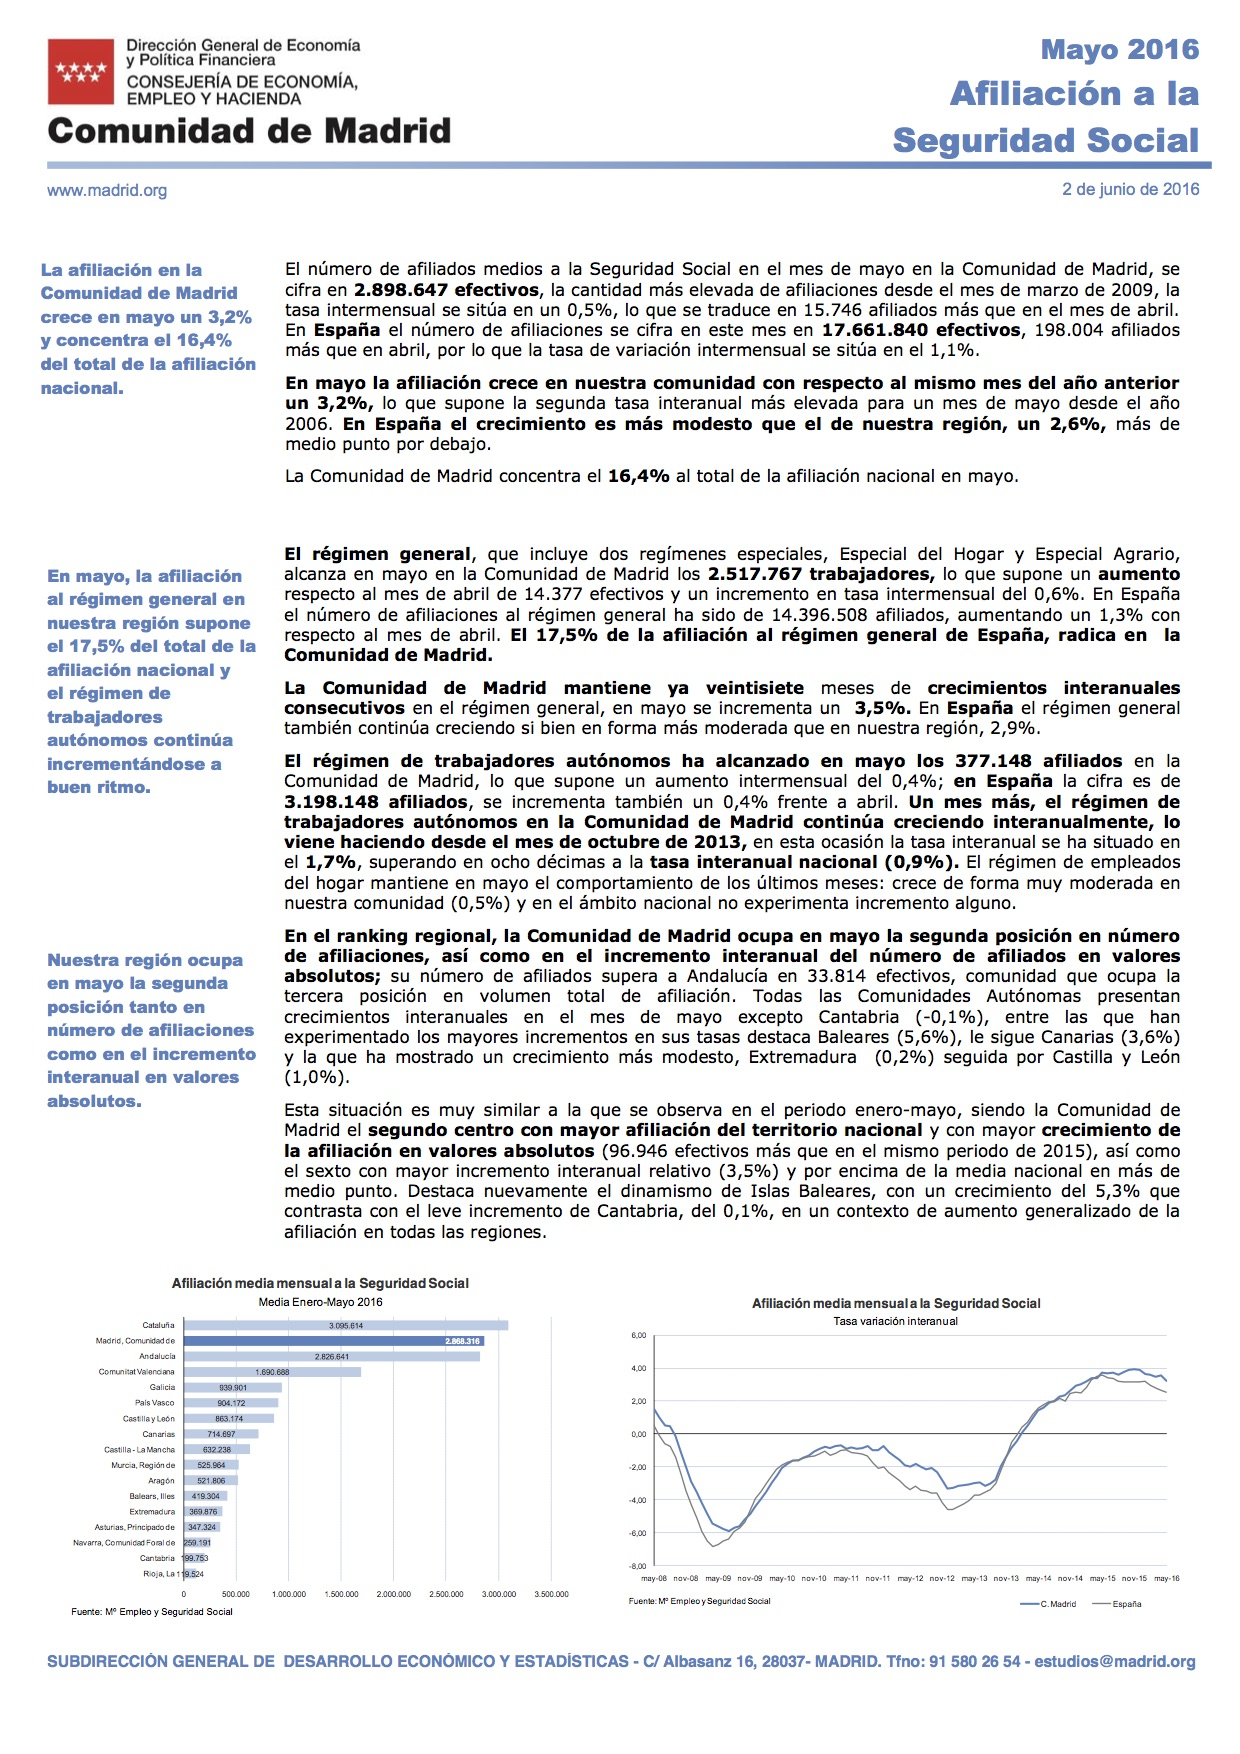 Afiliación a la Seguridad Social 2mayo Comunidad de Madrid